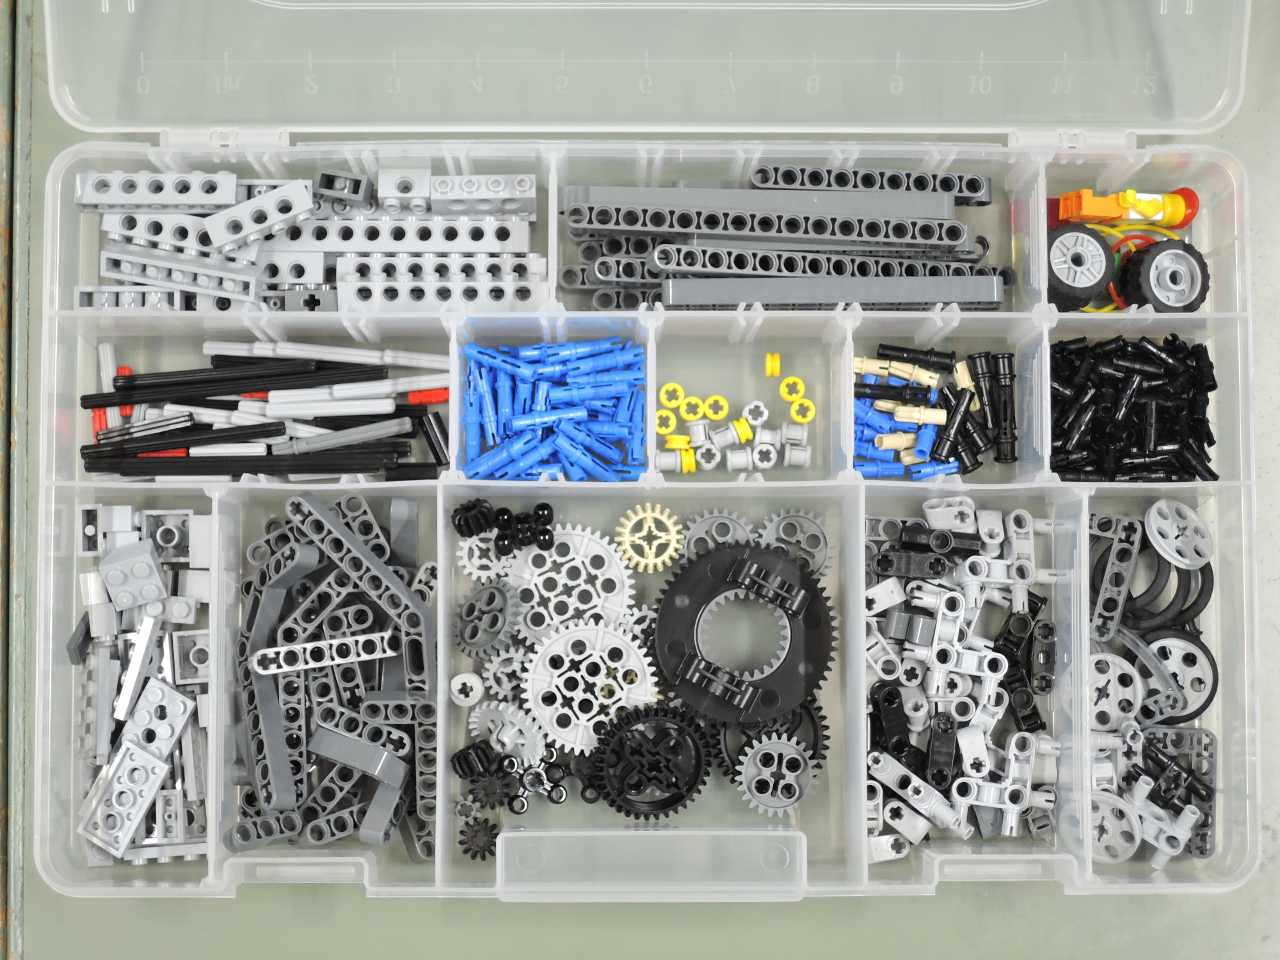 nxt-parts-case-2.jpg